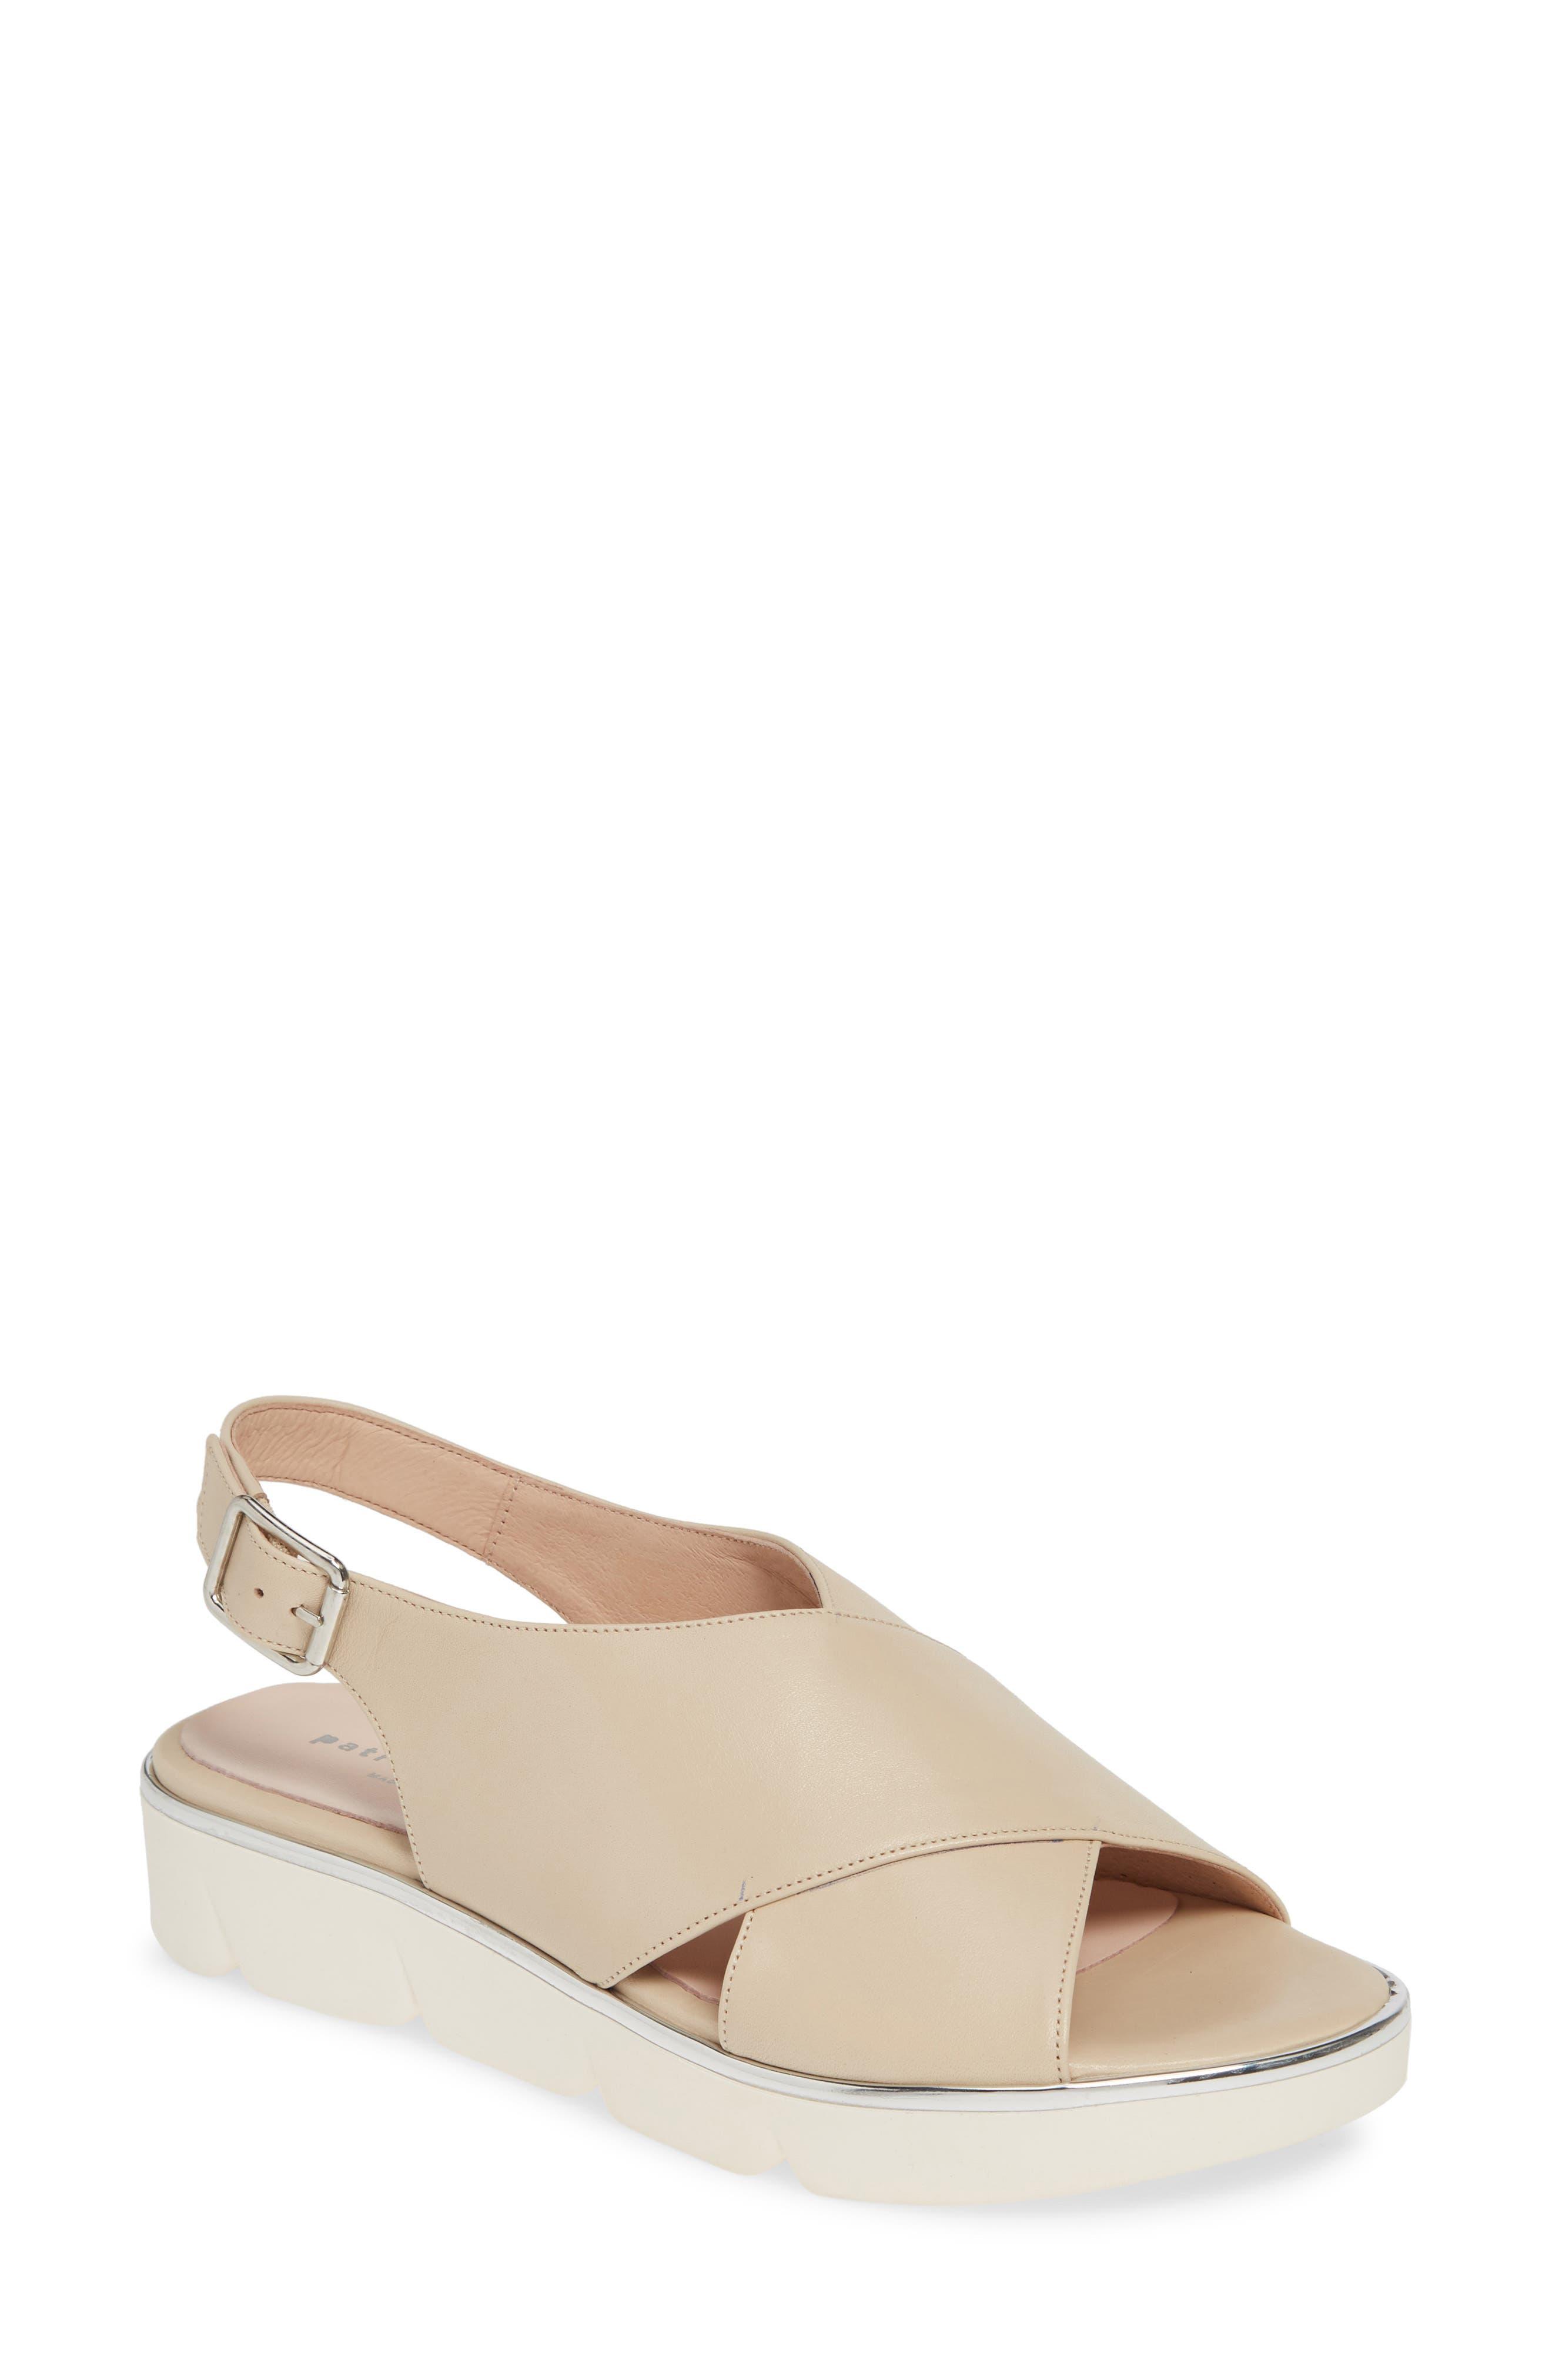 Patricia Green Candace Slingback Wedge Sandal, Beige